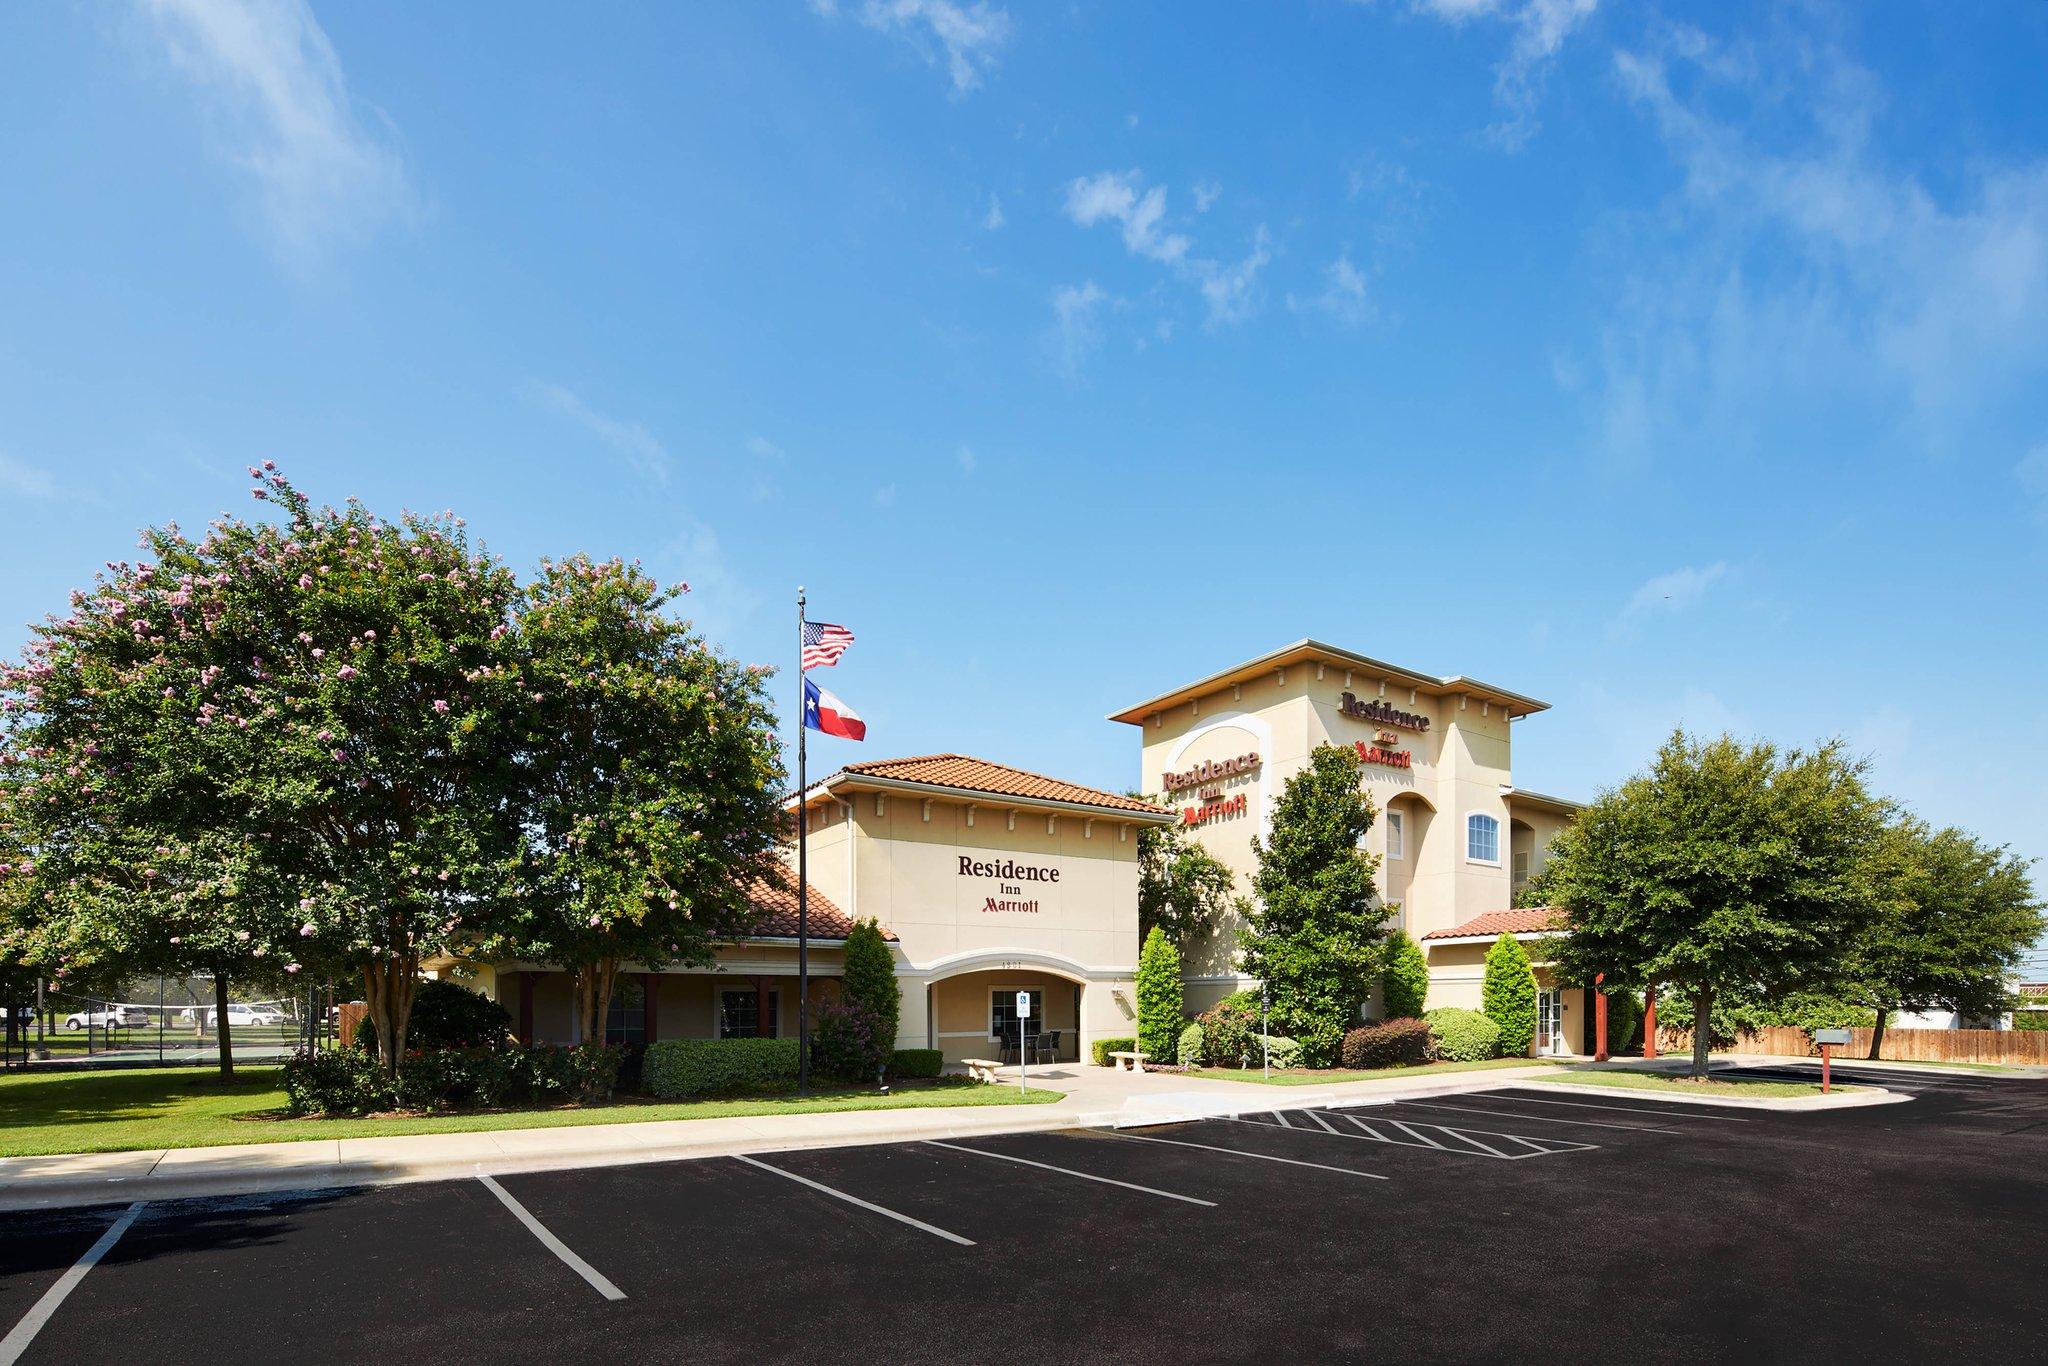 Residence Inn by Marriott Temple